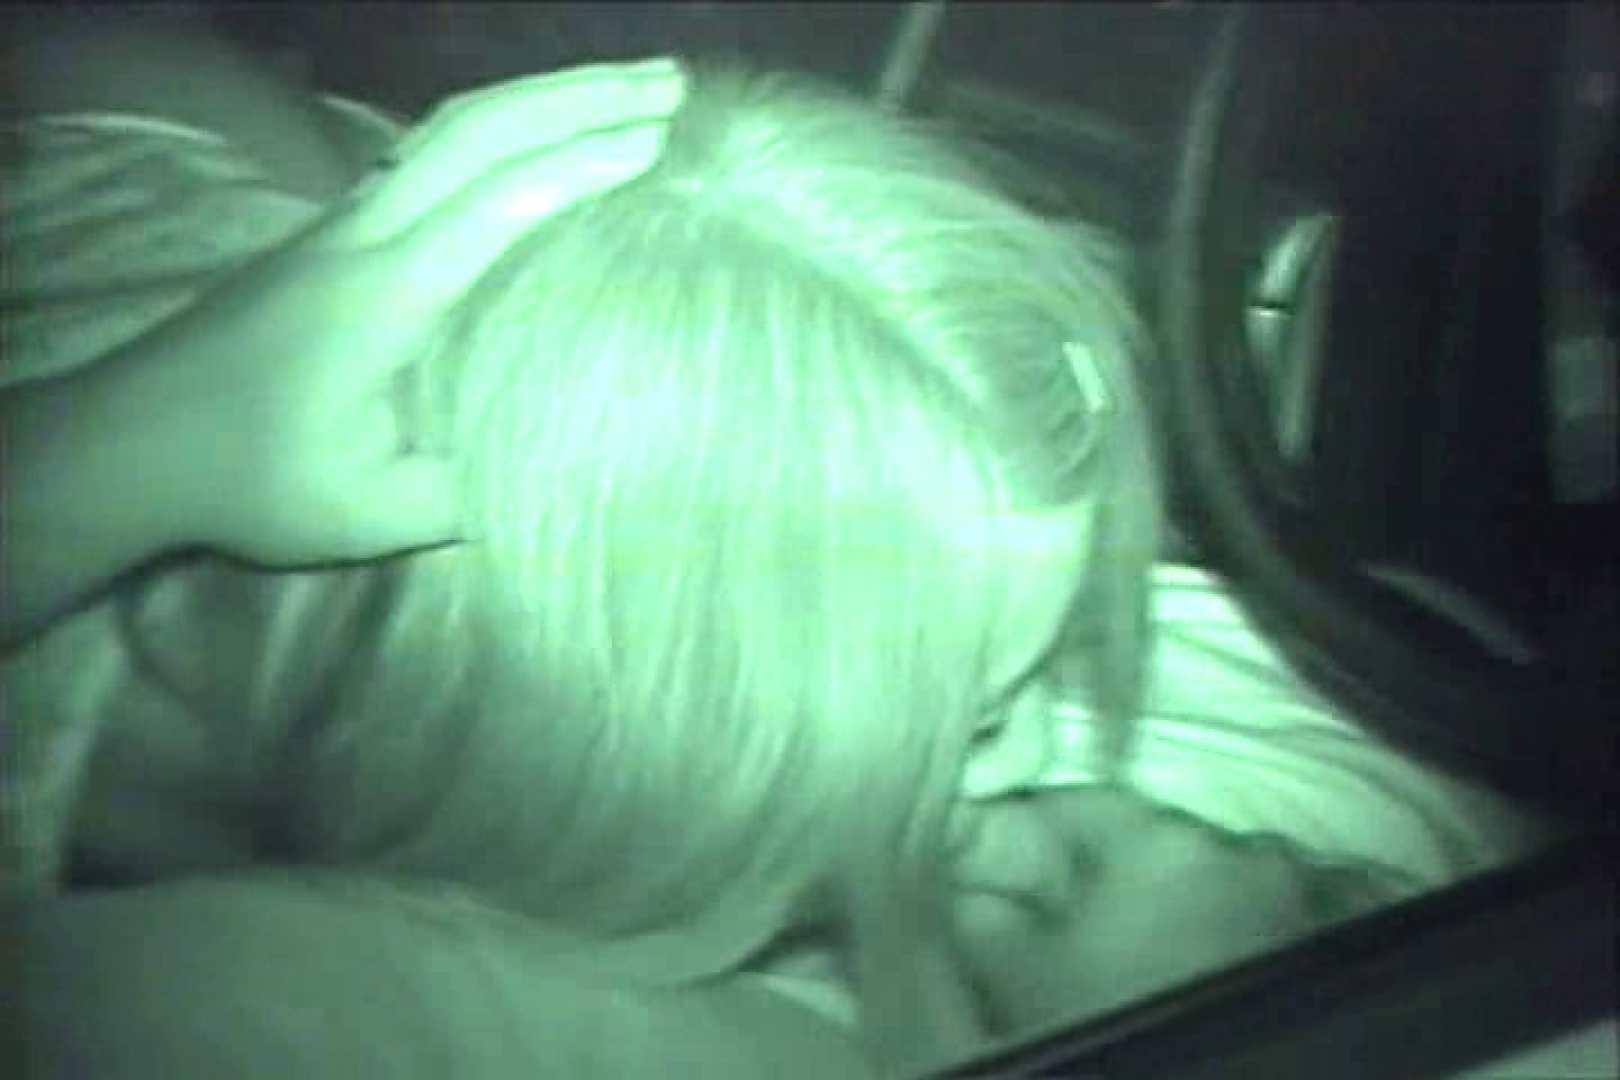 車の中はラブホテル 無修正版  Vol.17 マンコ | 赤外線  97画像 50